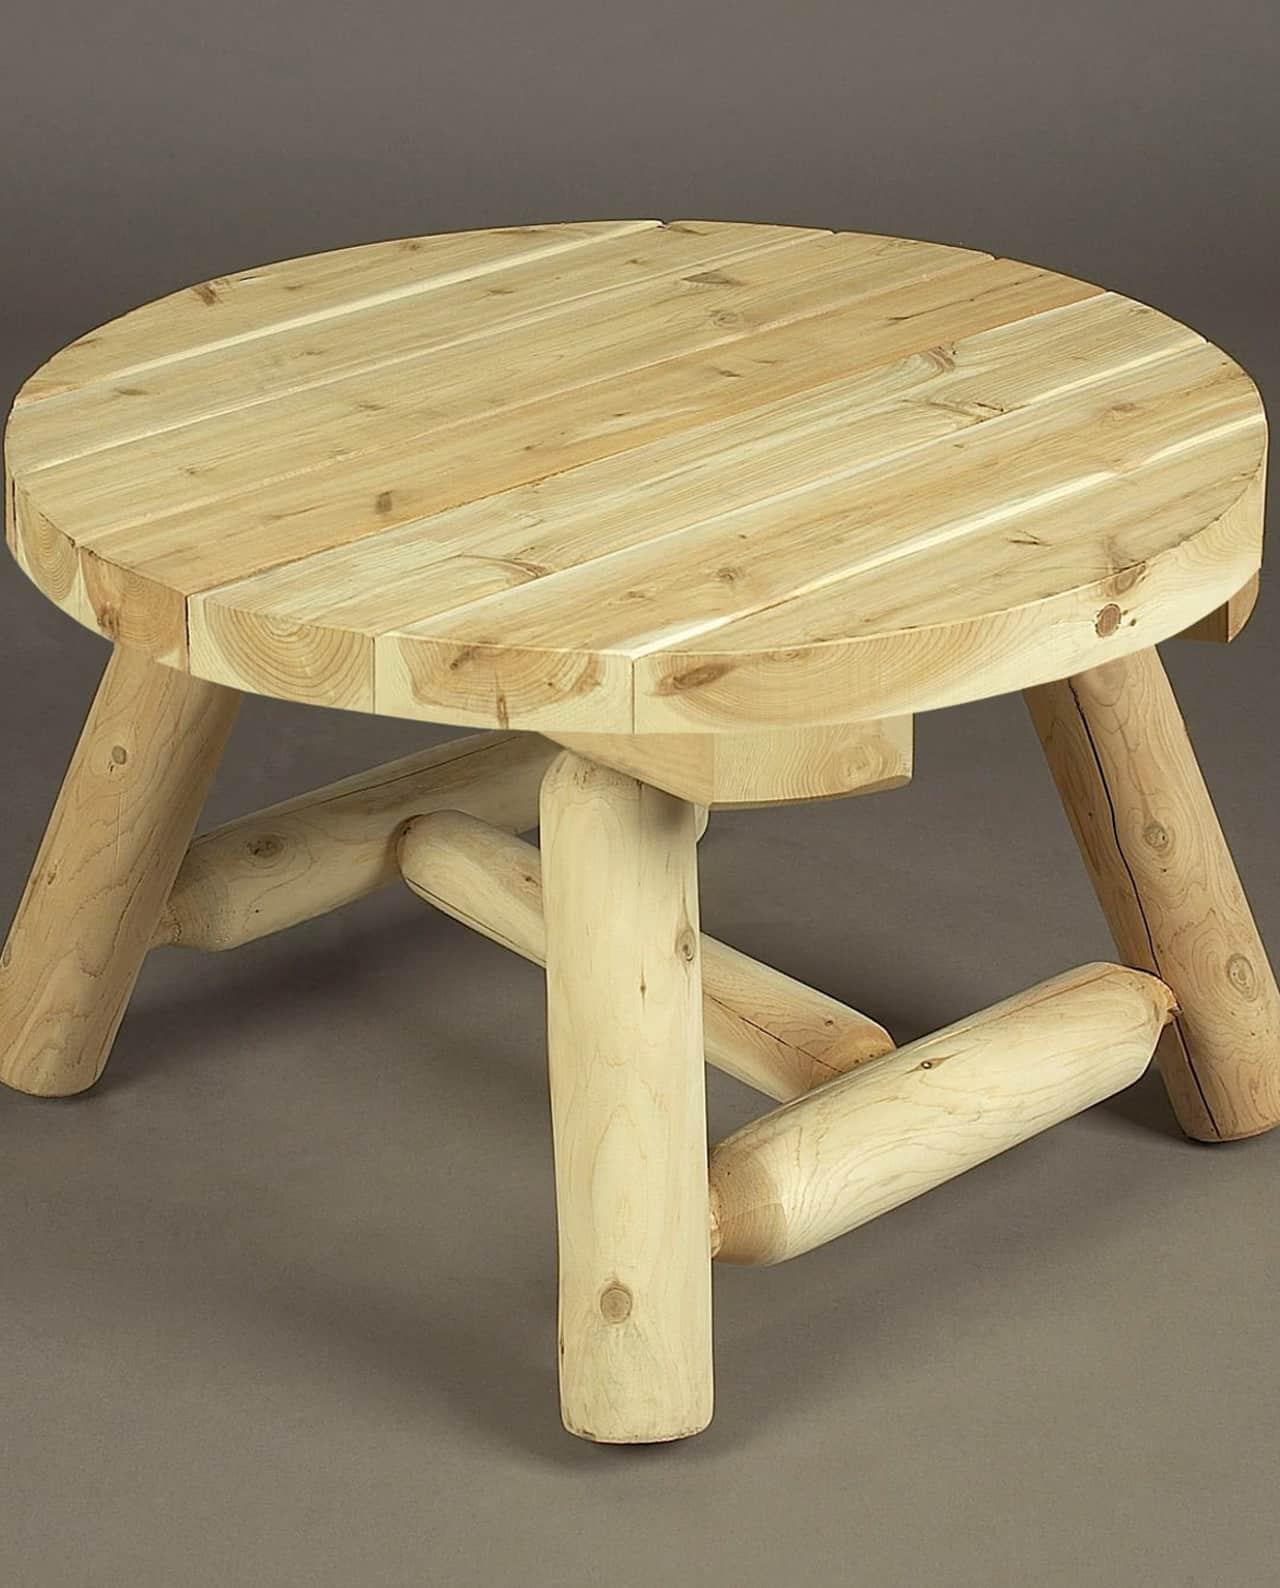 table basse en bois ronde petit mod le c dre et rondins. Black Bedroom Furniture Sets. Home Design Ideas